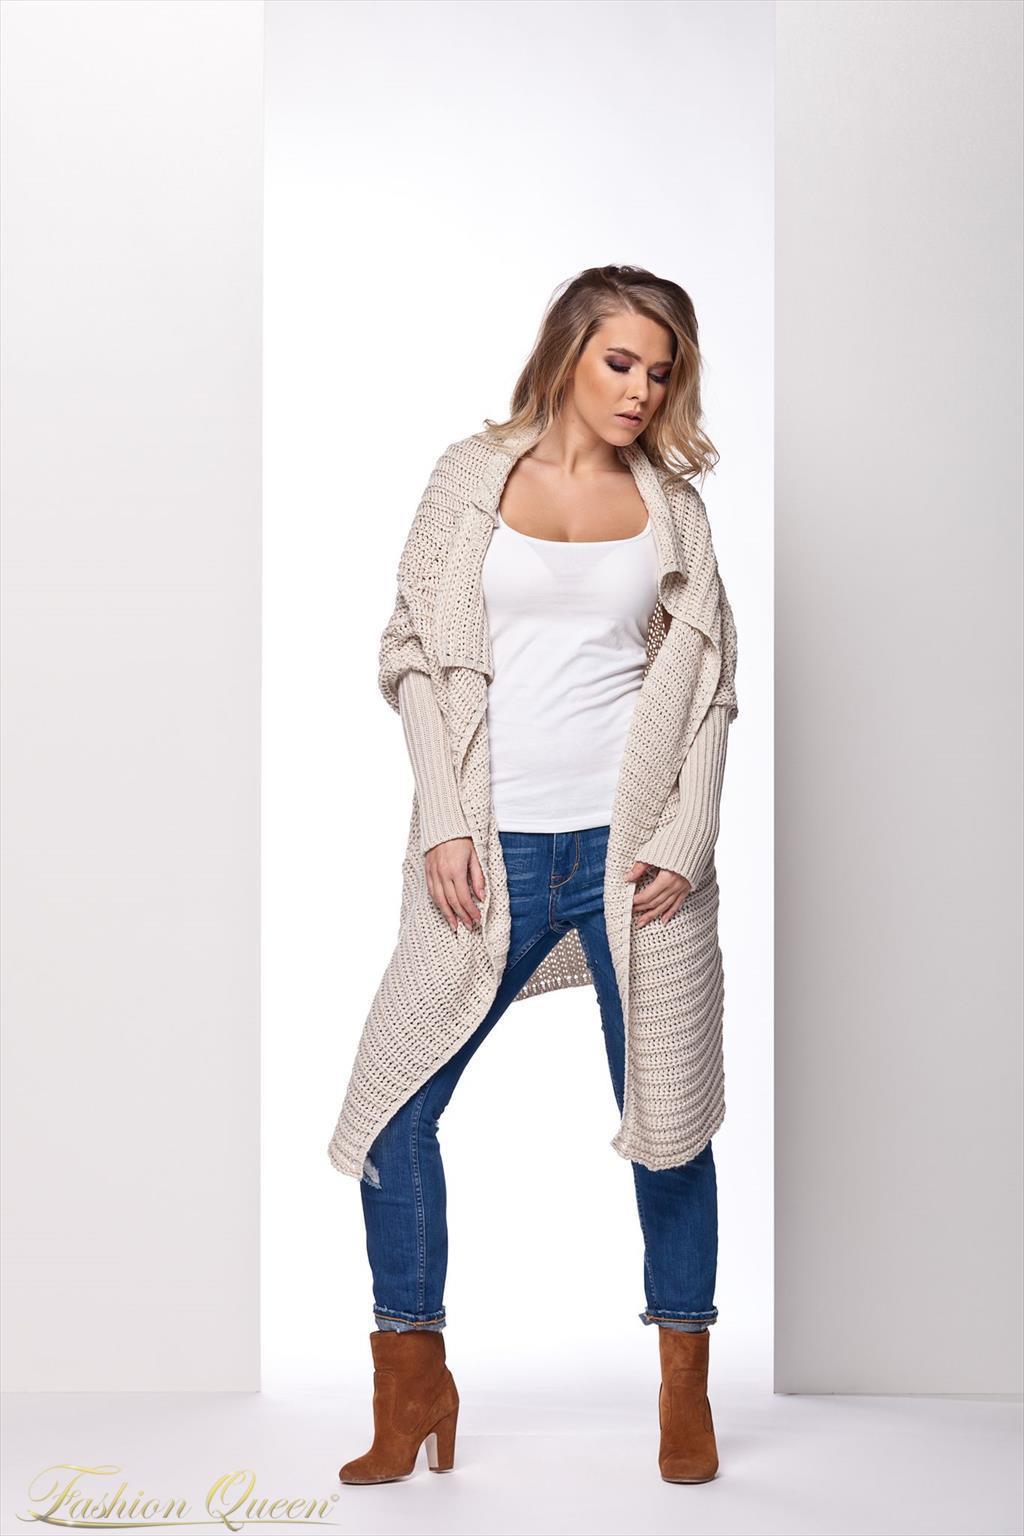 688158ecaf6a Fashion Queen - Dámske oblečenie a móda - Cardigan dlhý